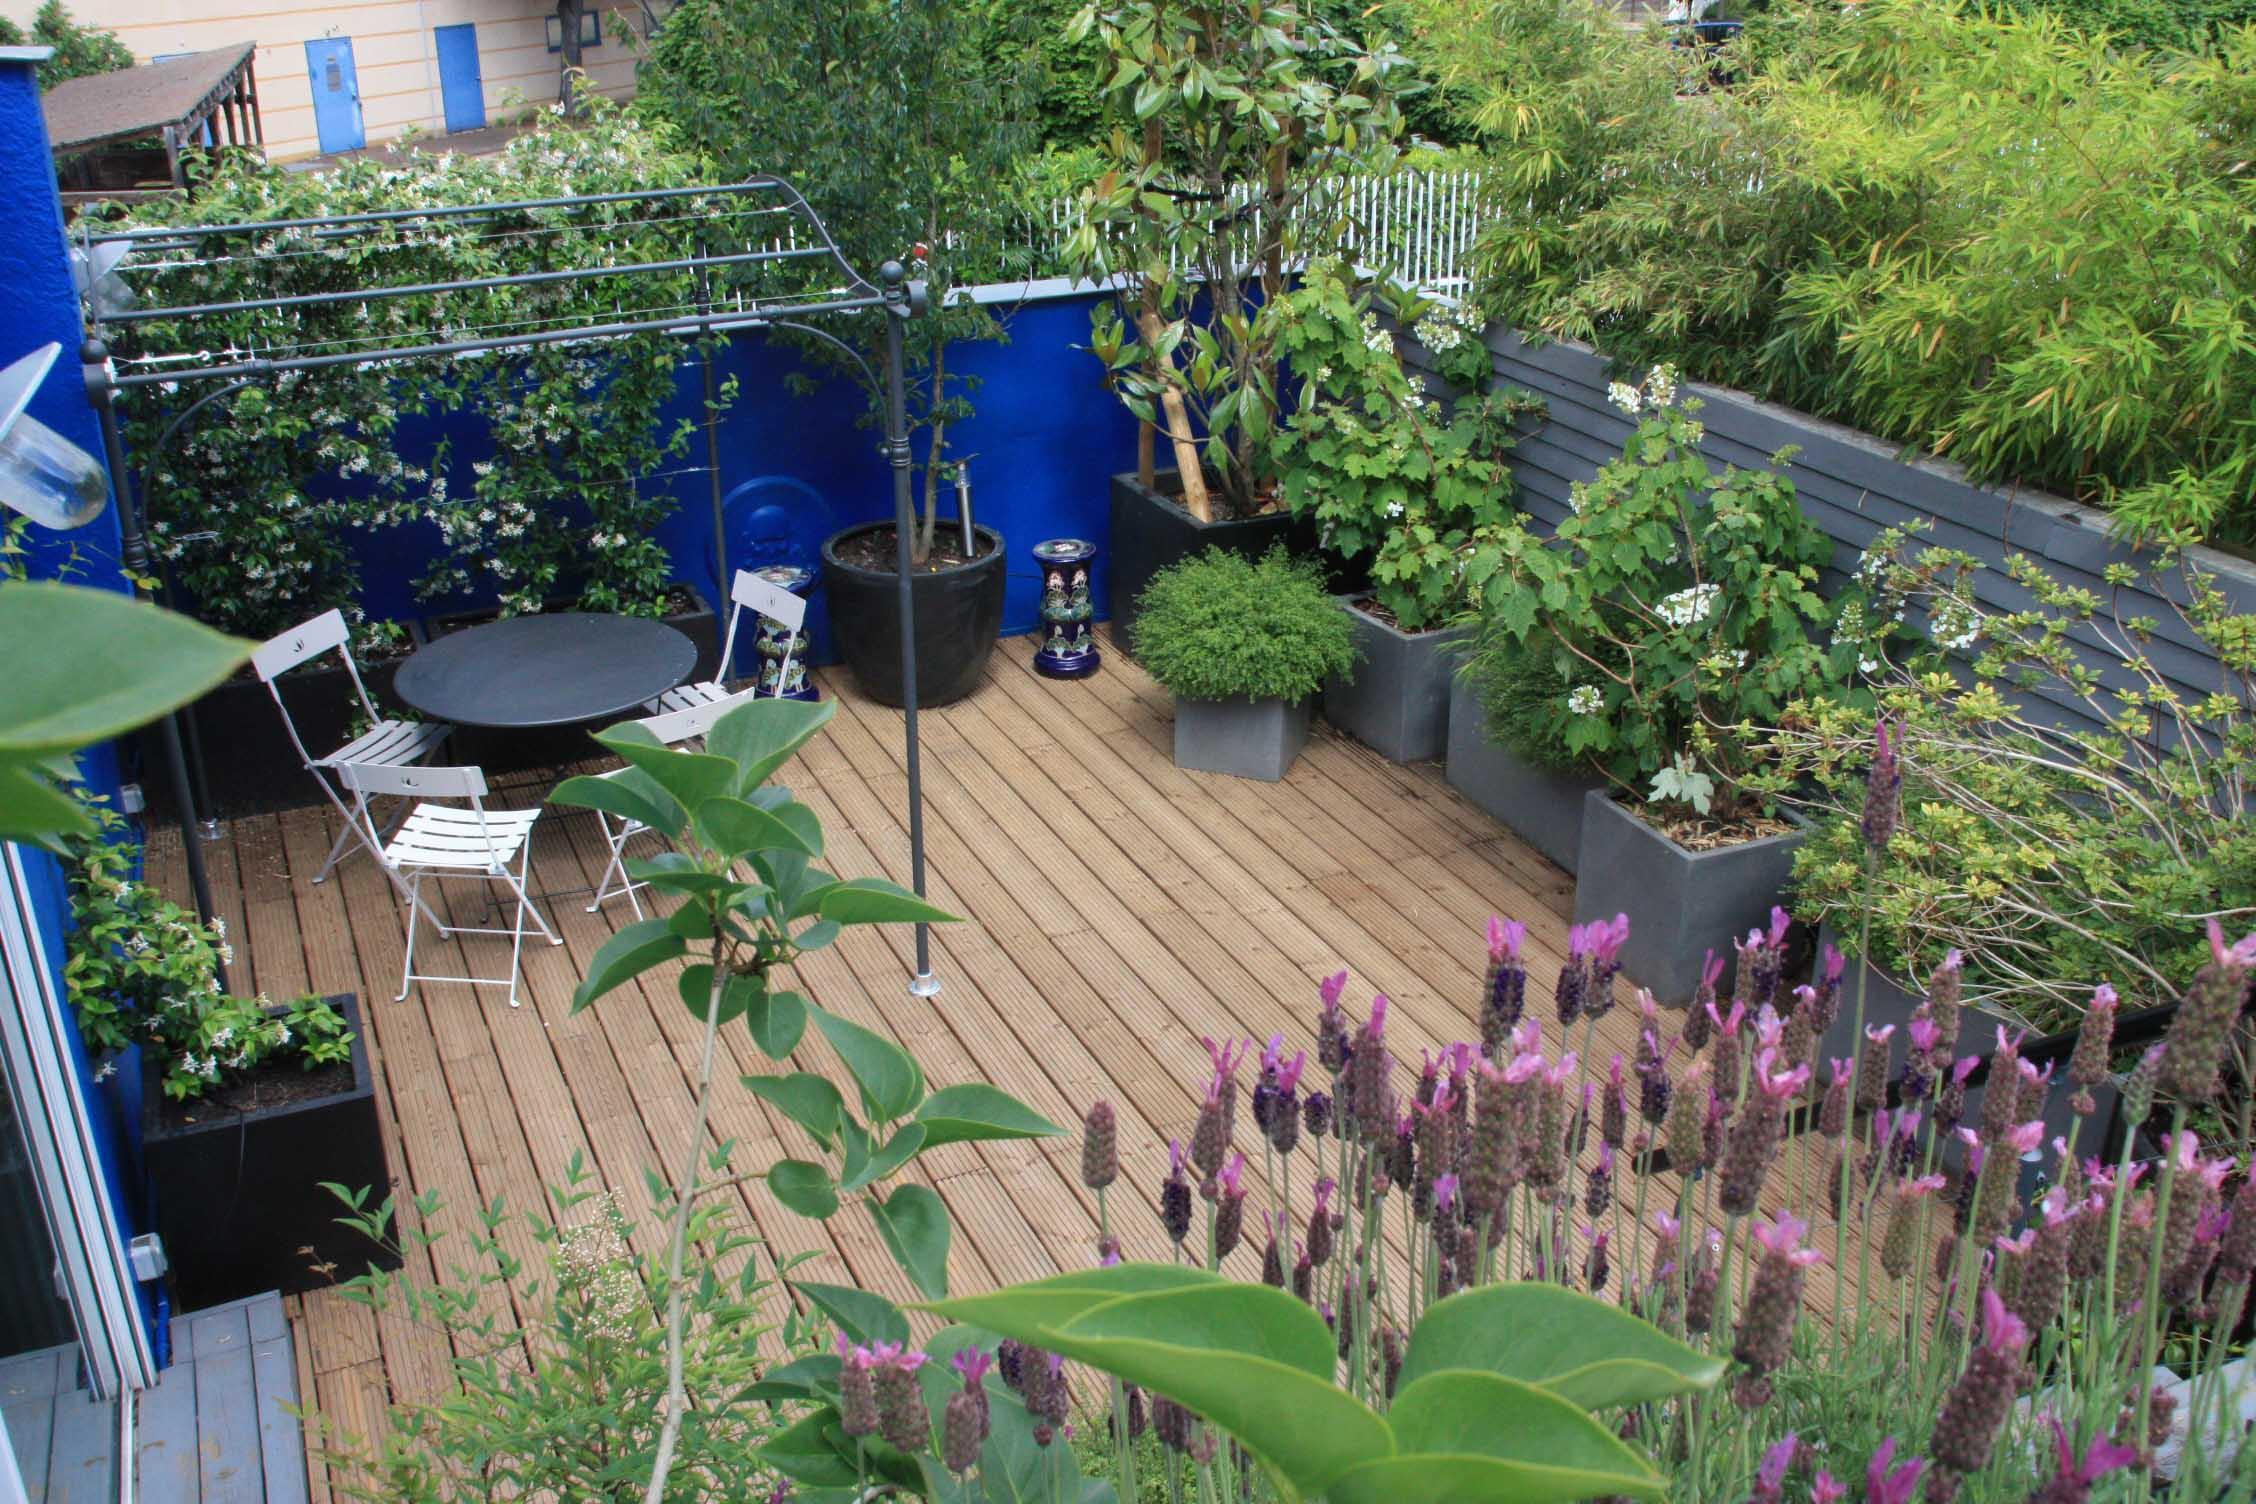 vue de la terrasse haute- jasmins et lavandes